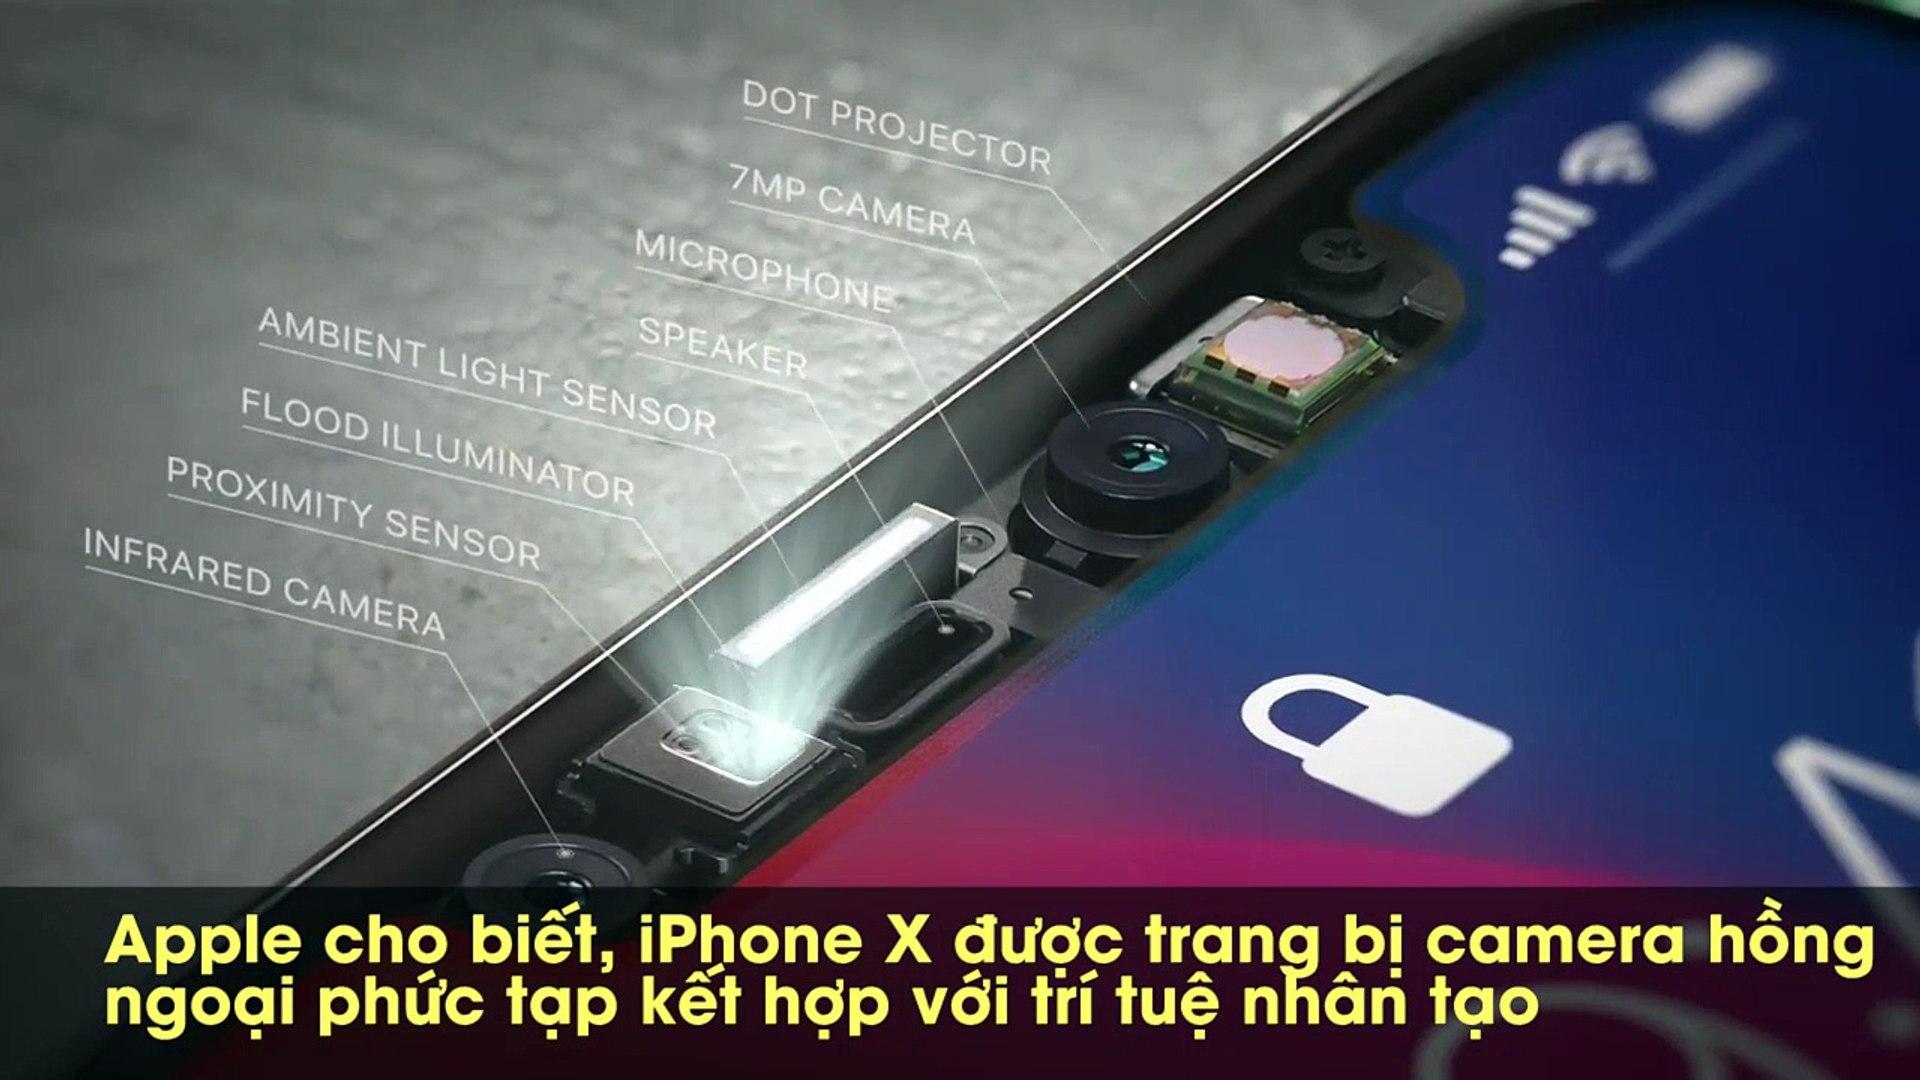 Lần đầu tiên thử nghiệm tính năng Face ID, Apple đã gặp thất bại ngay trên sân khấu?